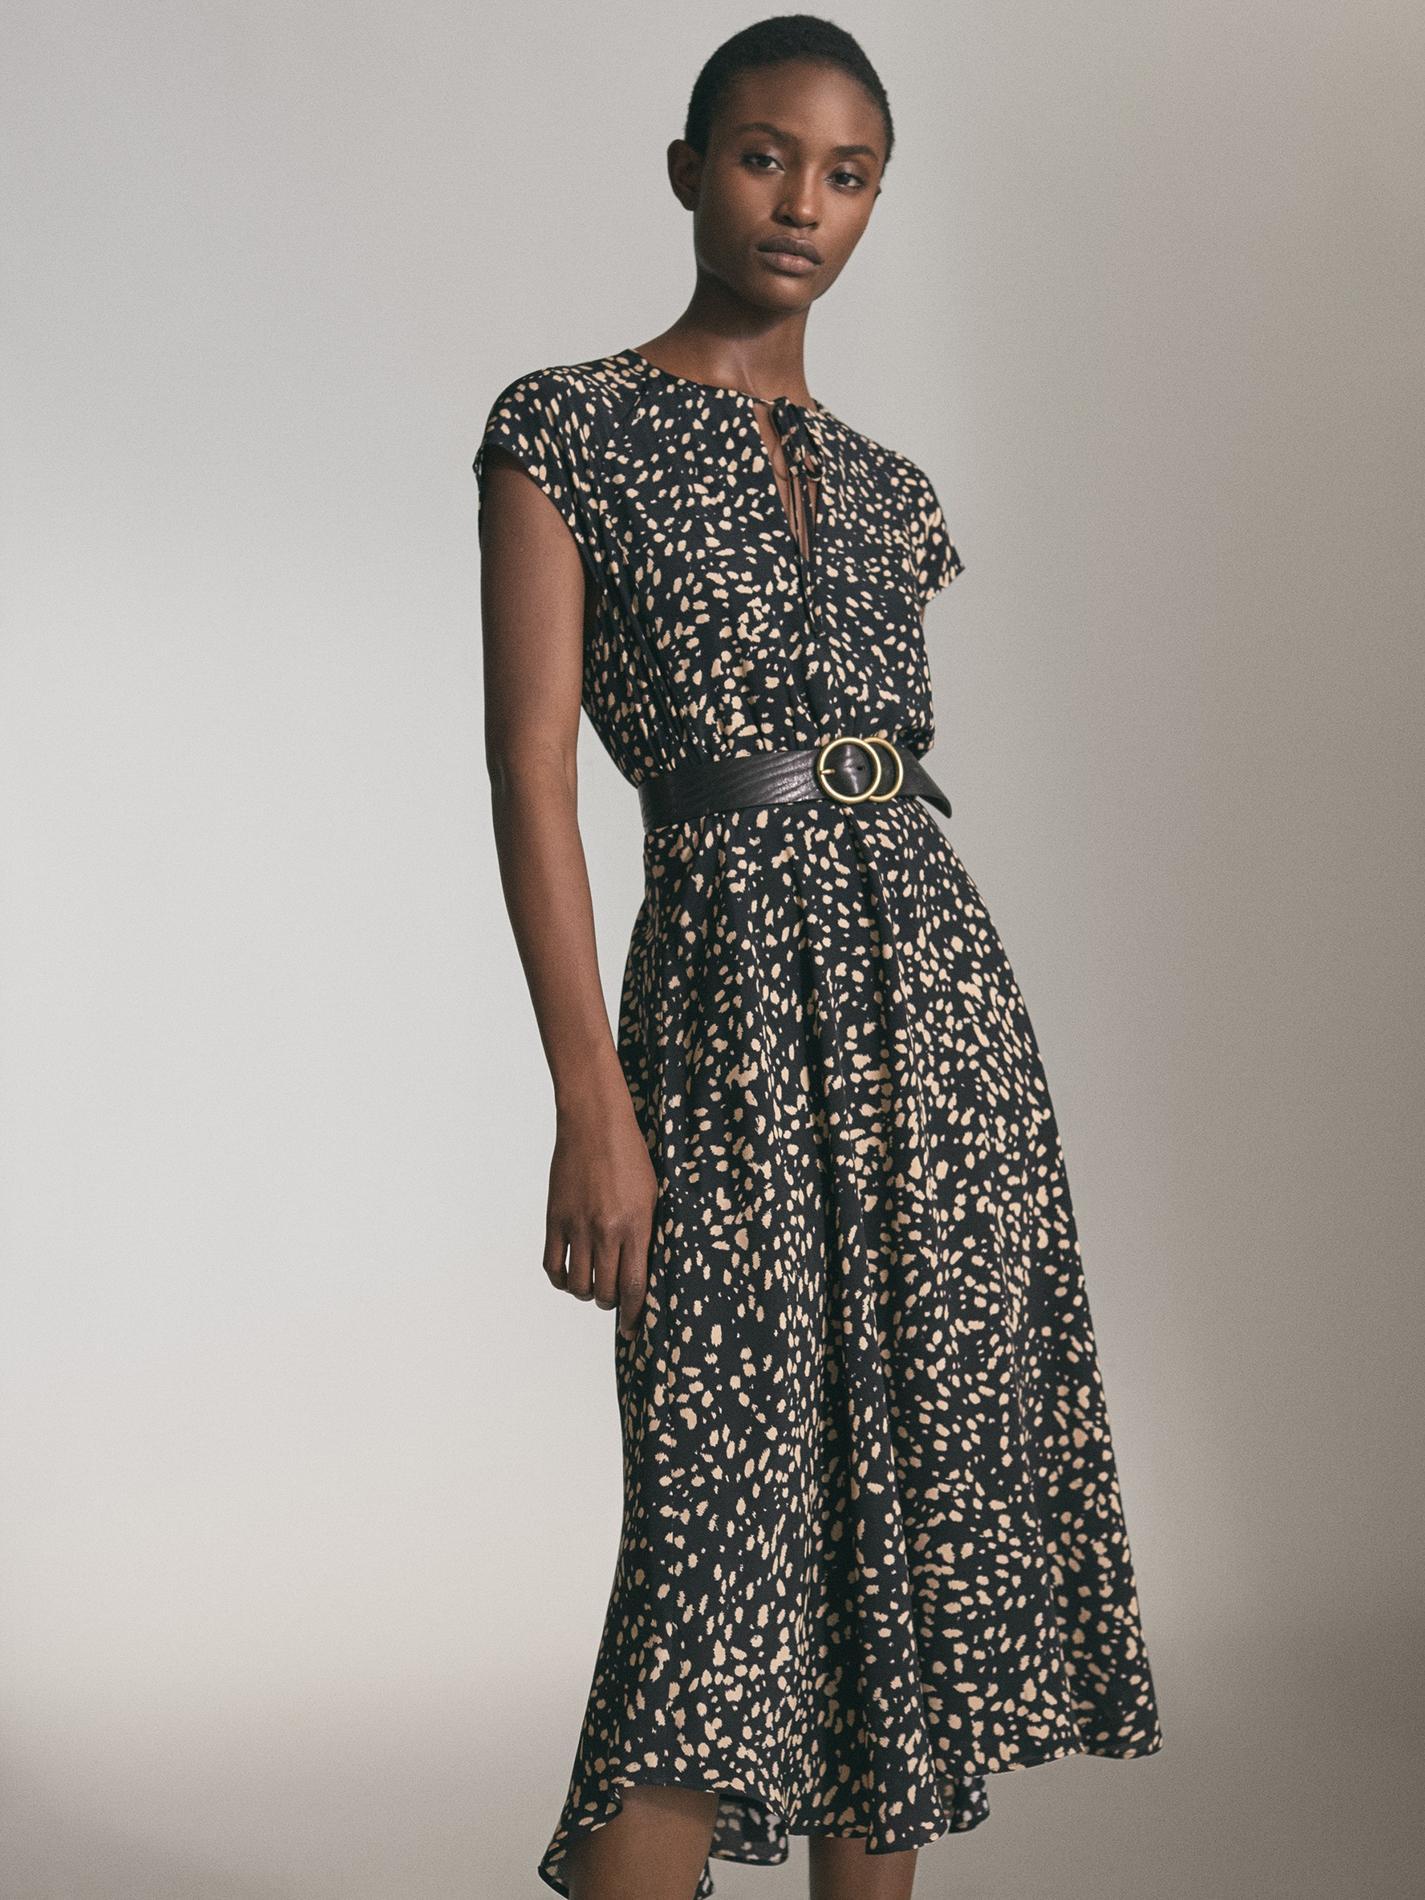 d05ff95415 Quelle robe à moins de 100 euros choisir pour assister à un mariage ?